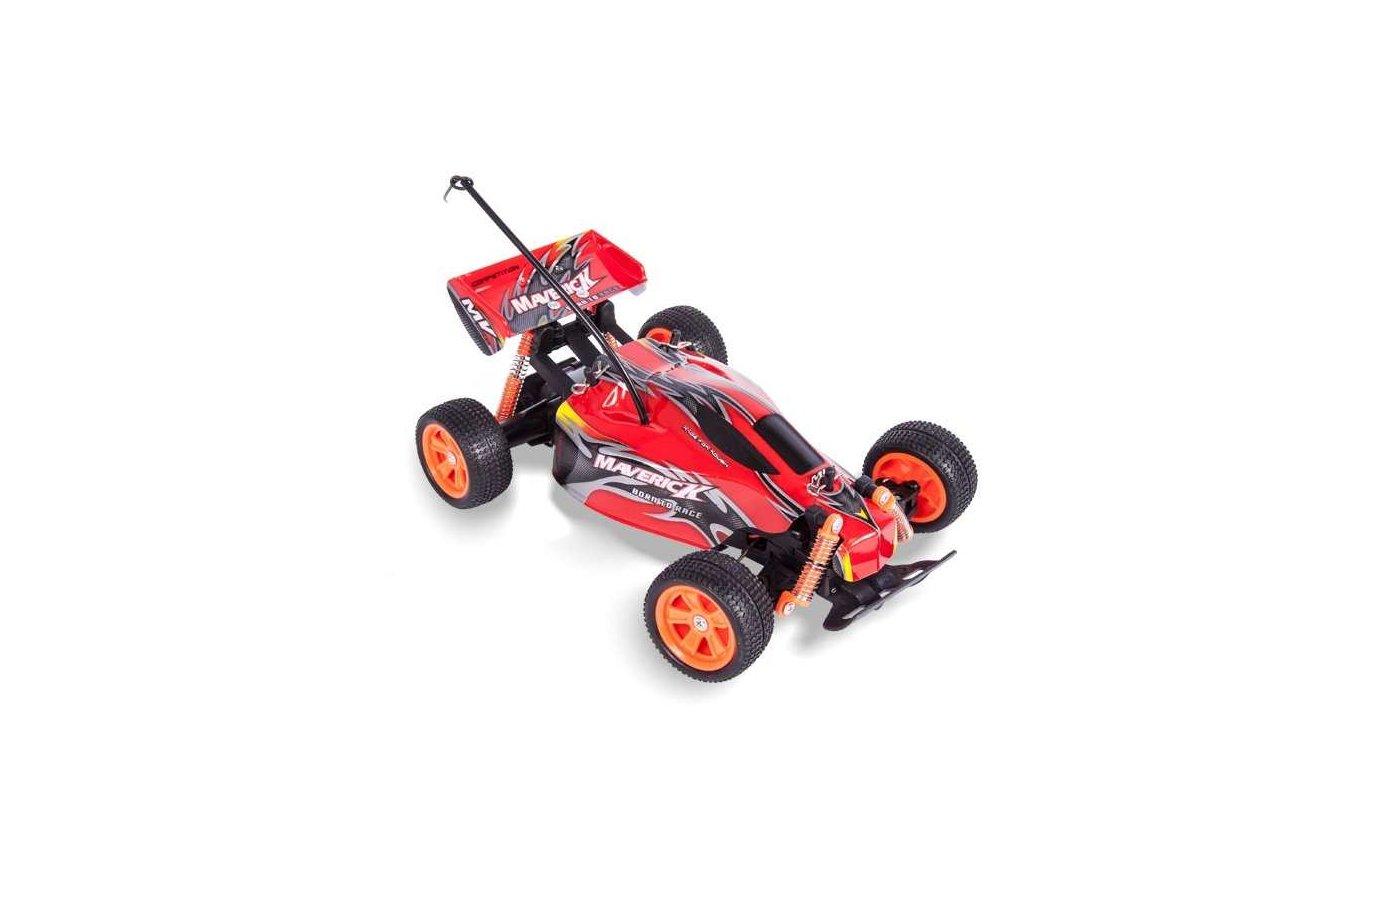 Игрушка MioshiTech MAVERICK 1:18 Р/У Автомобиль красный MTE1201-002К